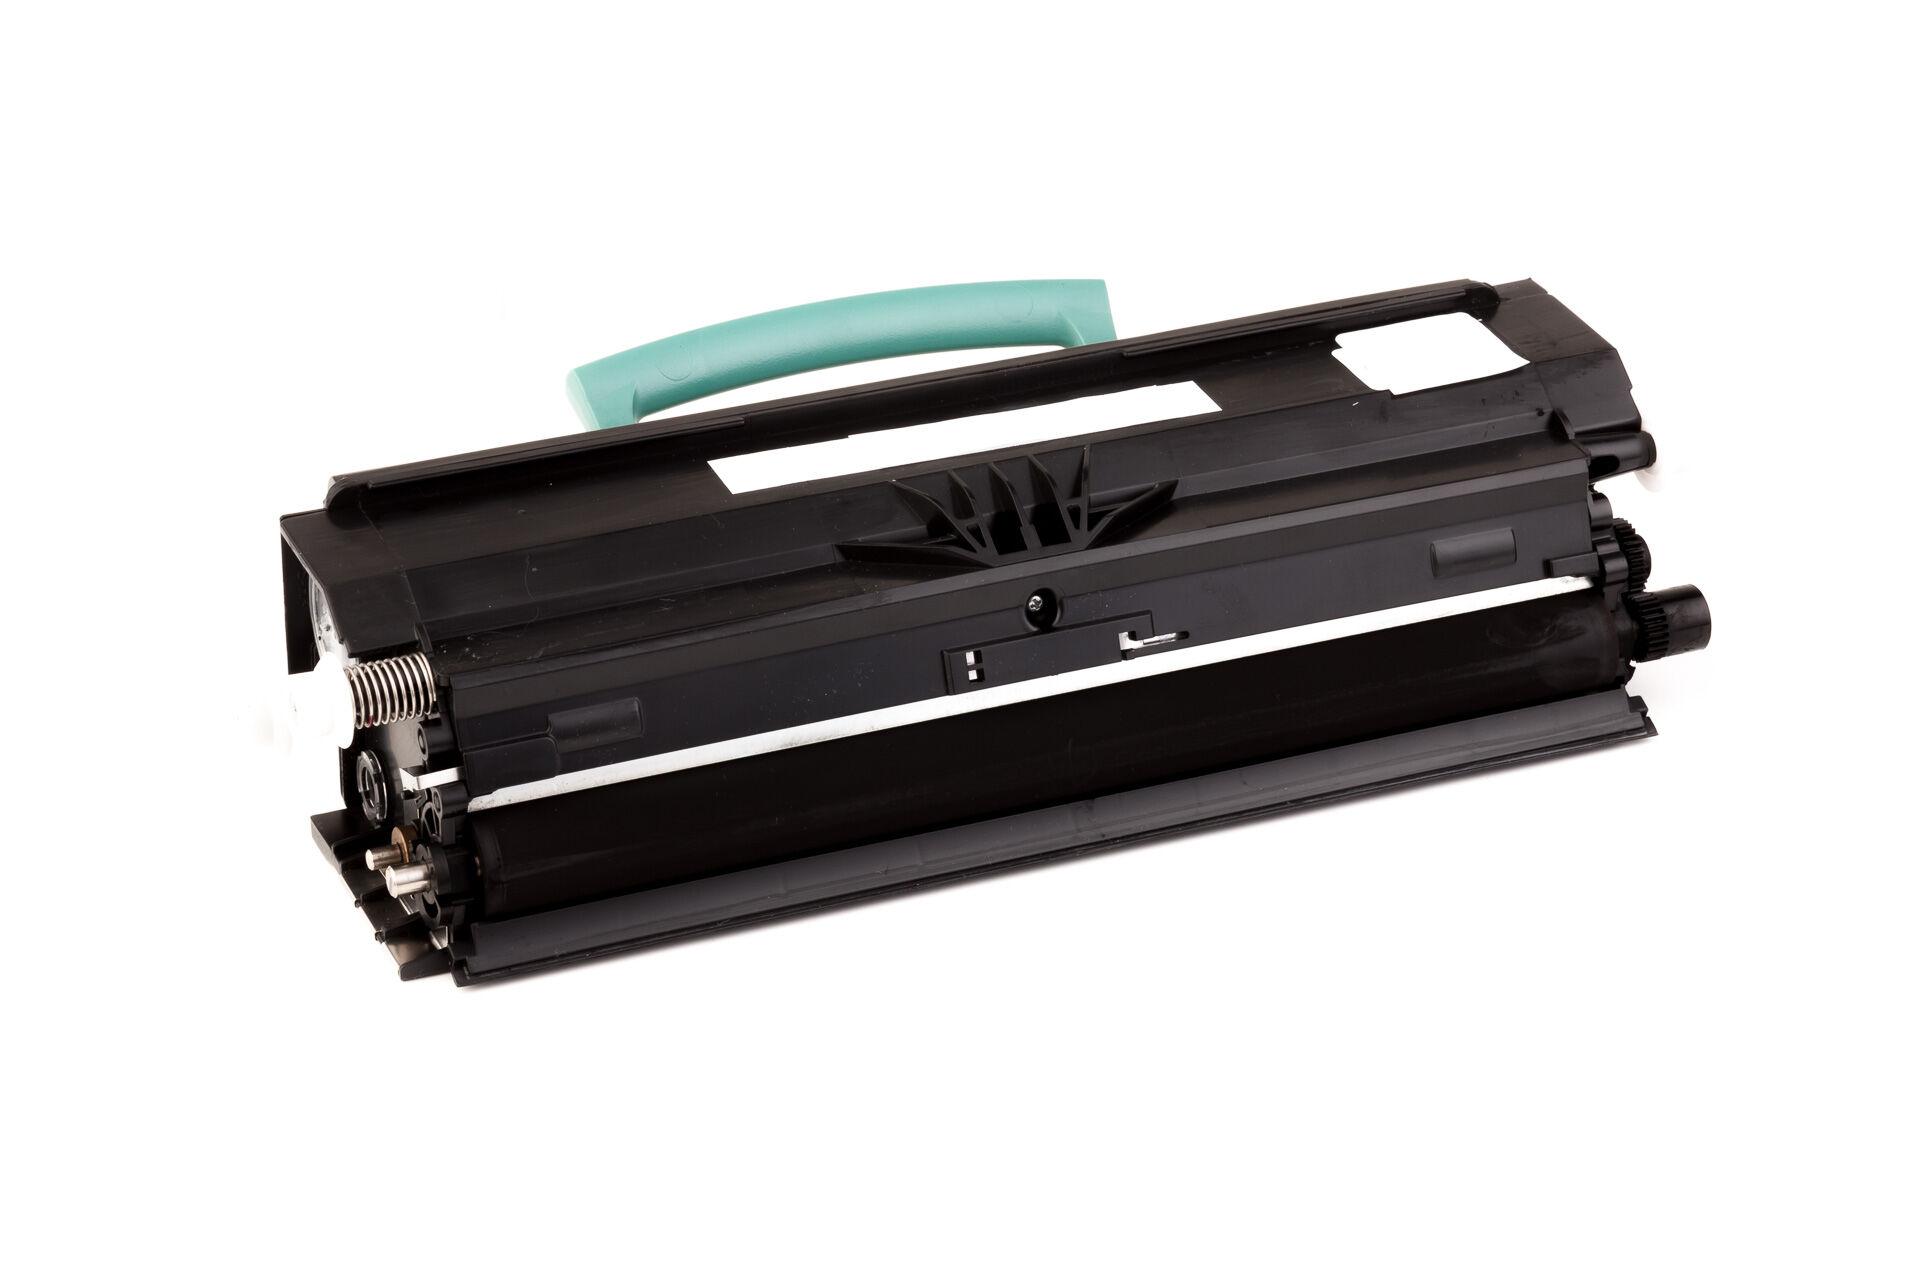 Dell Cartouche de Toner pour Dell 59310239 / RP380 noir compatible (de marque ASC)